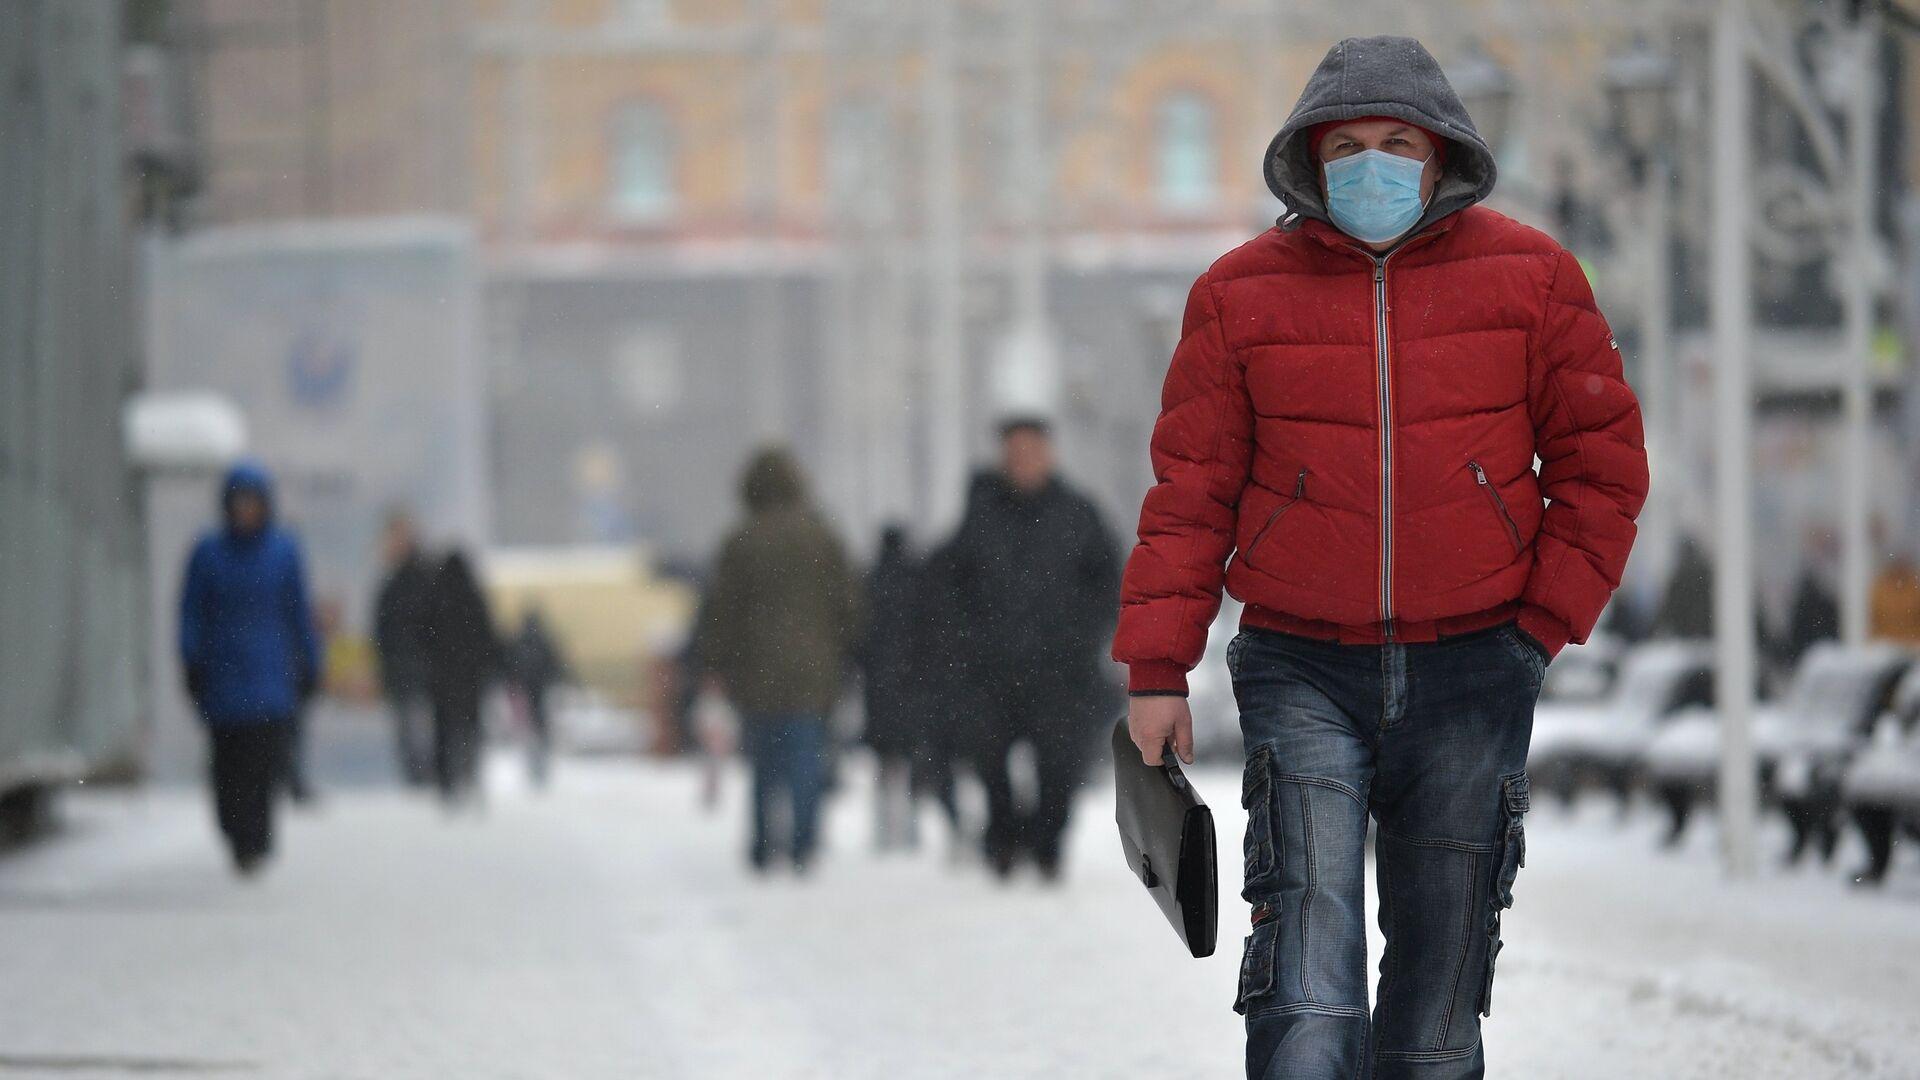 Мужчина в защитной маске в Москве - РИА Новости, 1920, 14.01.2021